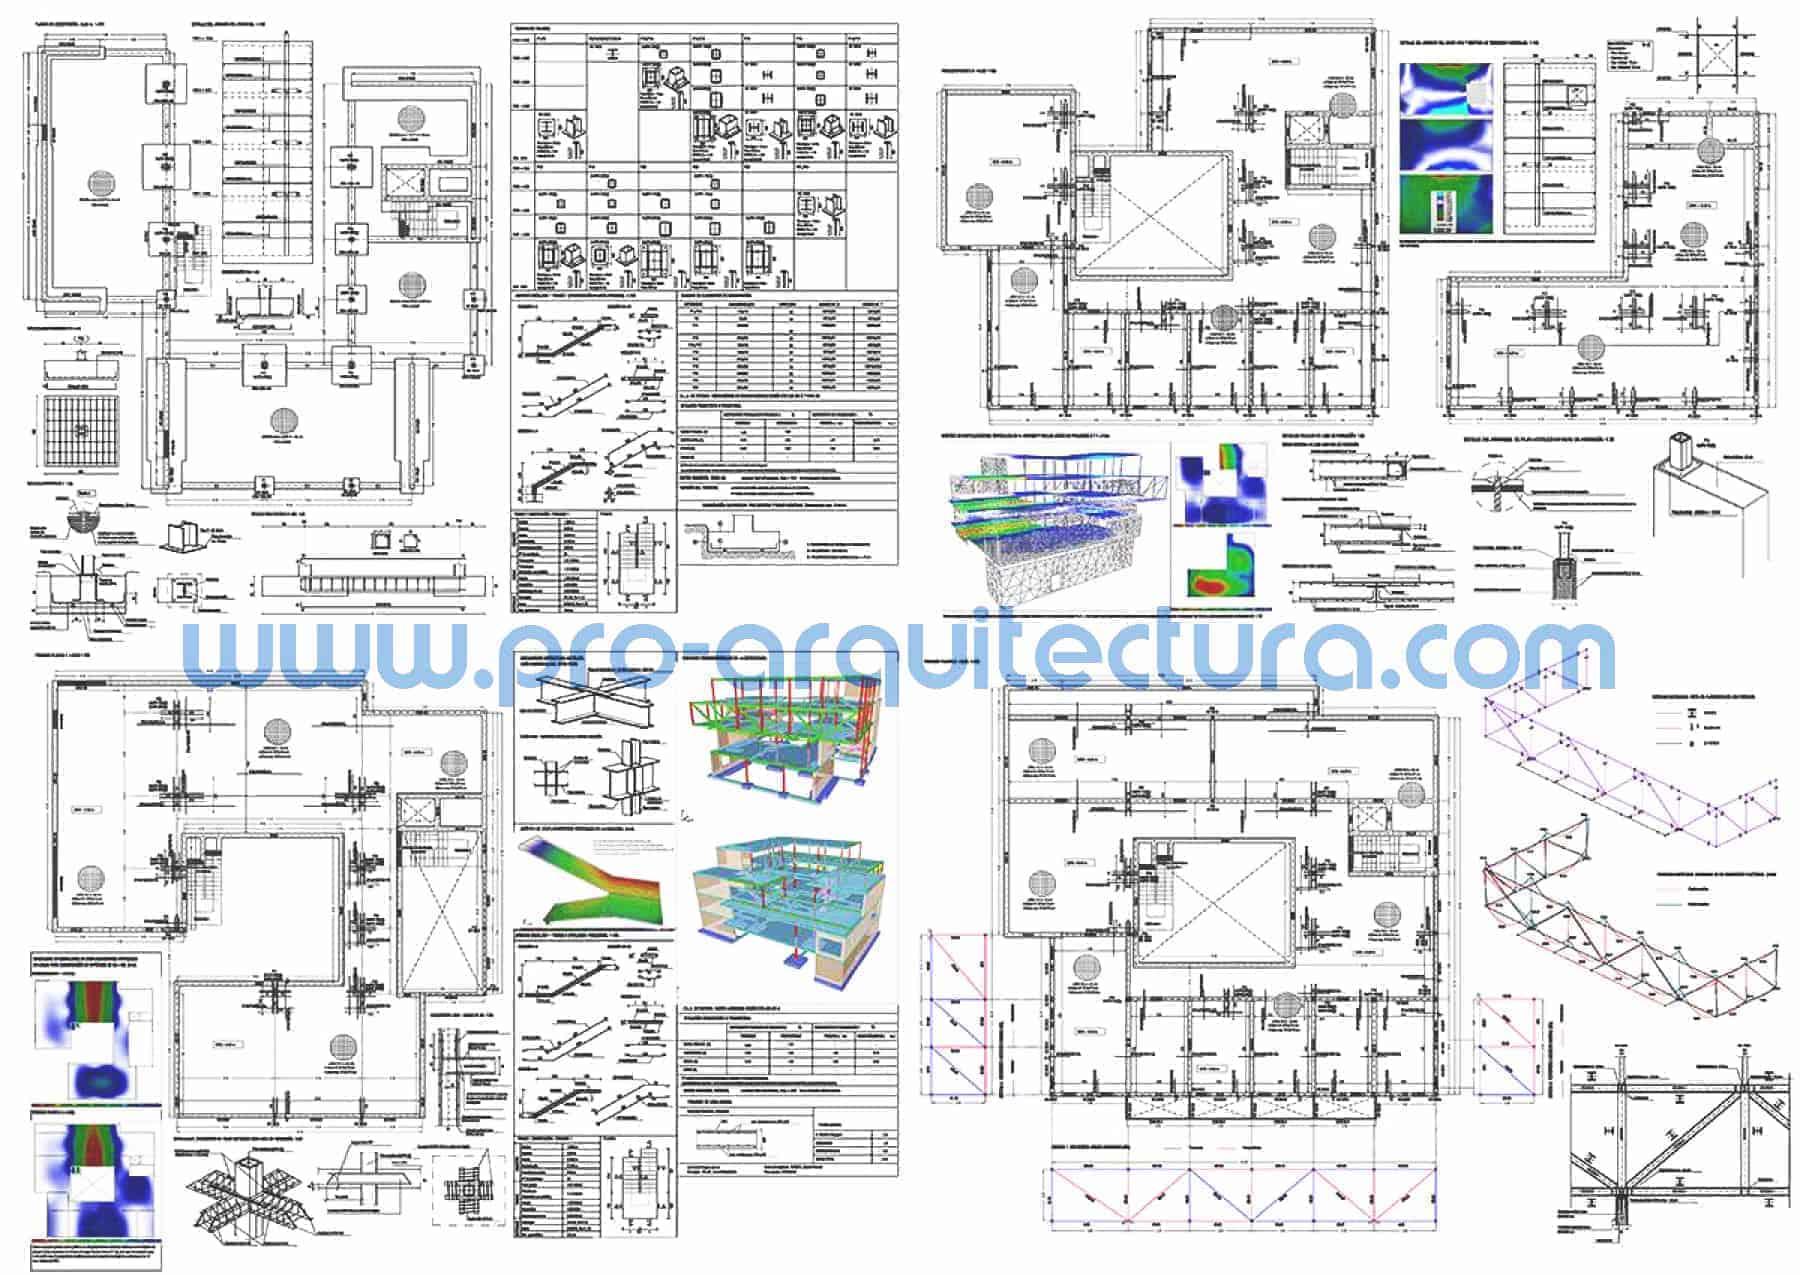 0058-01 Instituto de secundaria - Planos de estructuras - Tu ayuda con la entrega de la estructura del pfc pfg tfg tfm de arquitectura.